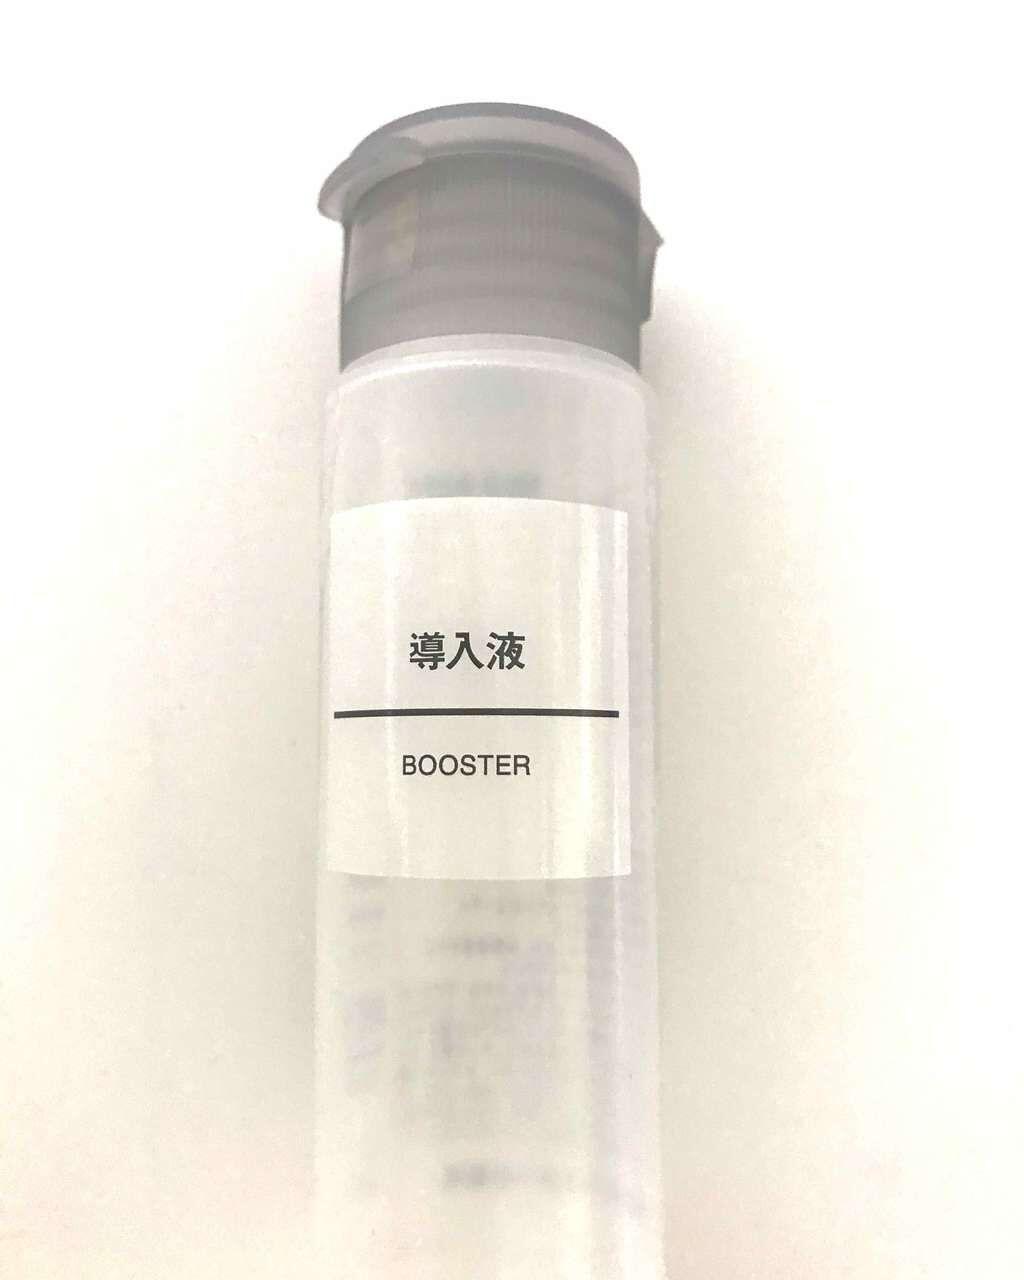 無印良品のブースター・導入液 導入液を使ったクチコミ(1枚